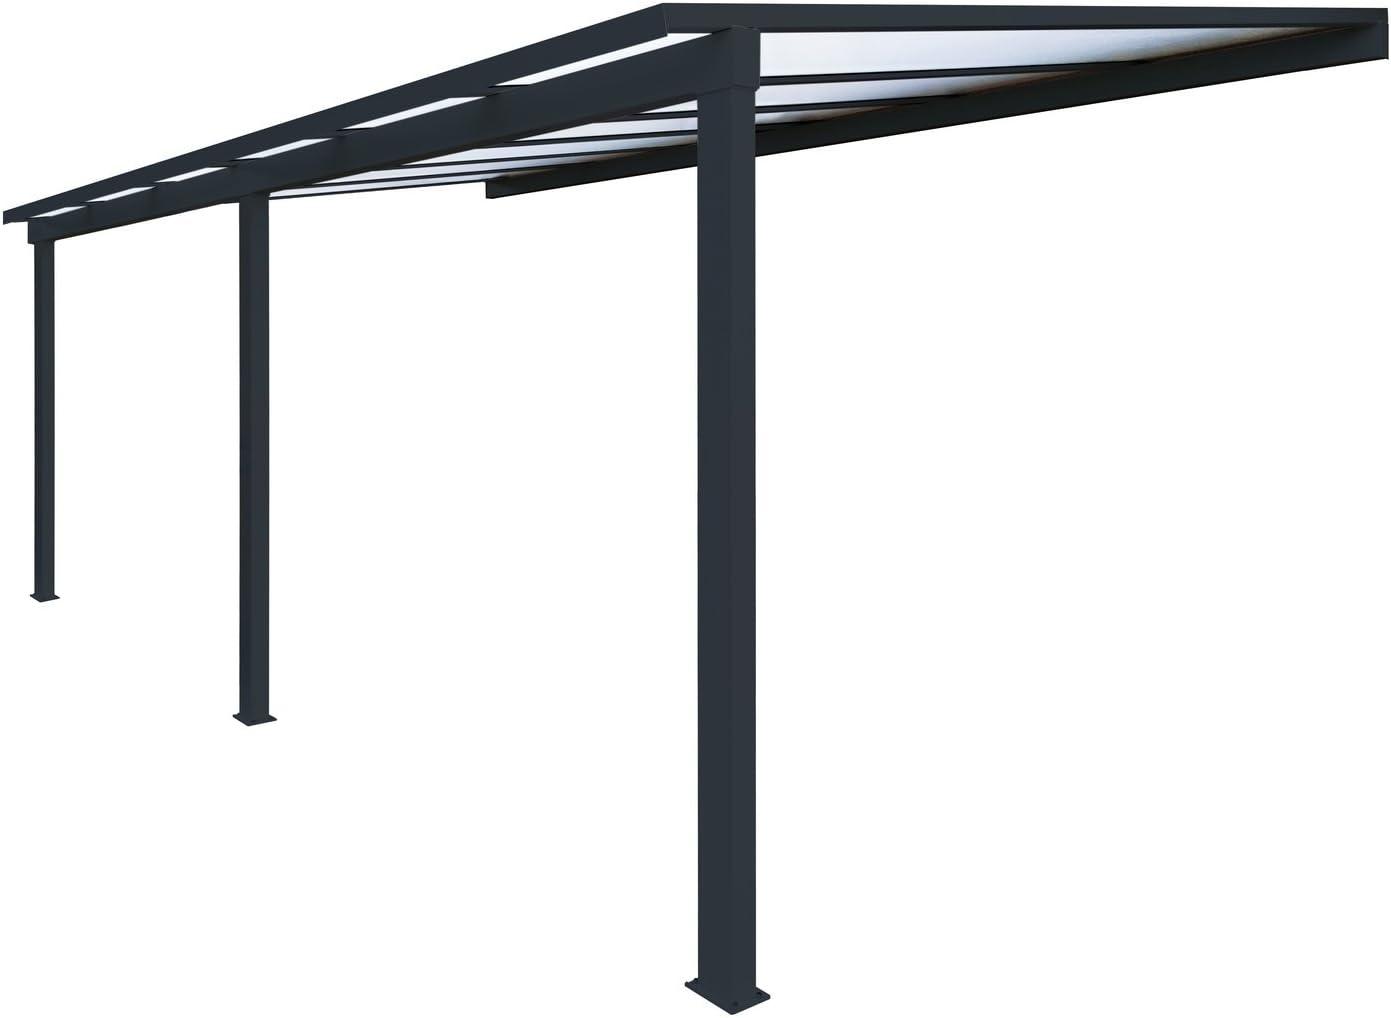 Pérgola de aluminio clásica para fijar al techo, de policarbonato (16 mm) con canaleta, color gris, color Gris ral 7016, tamaño 6000 x 3000 mm